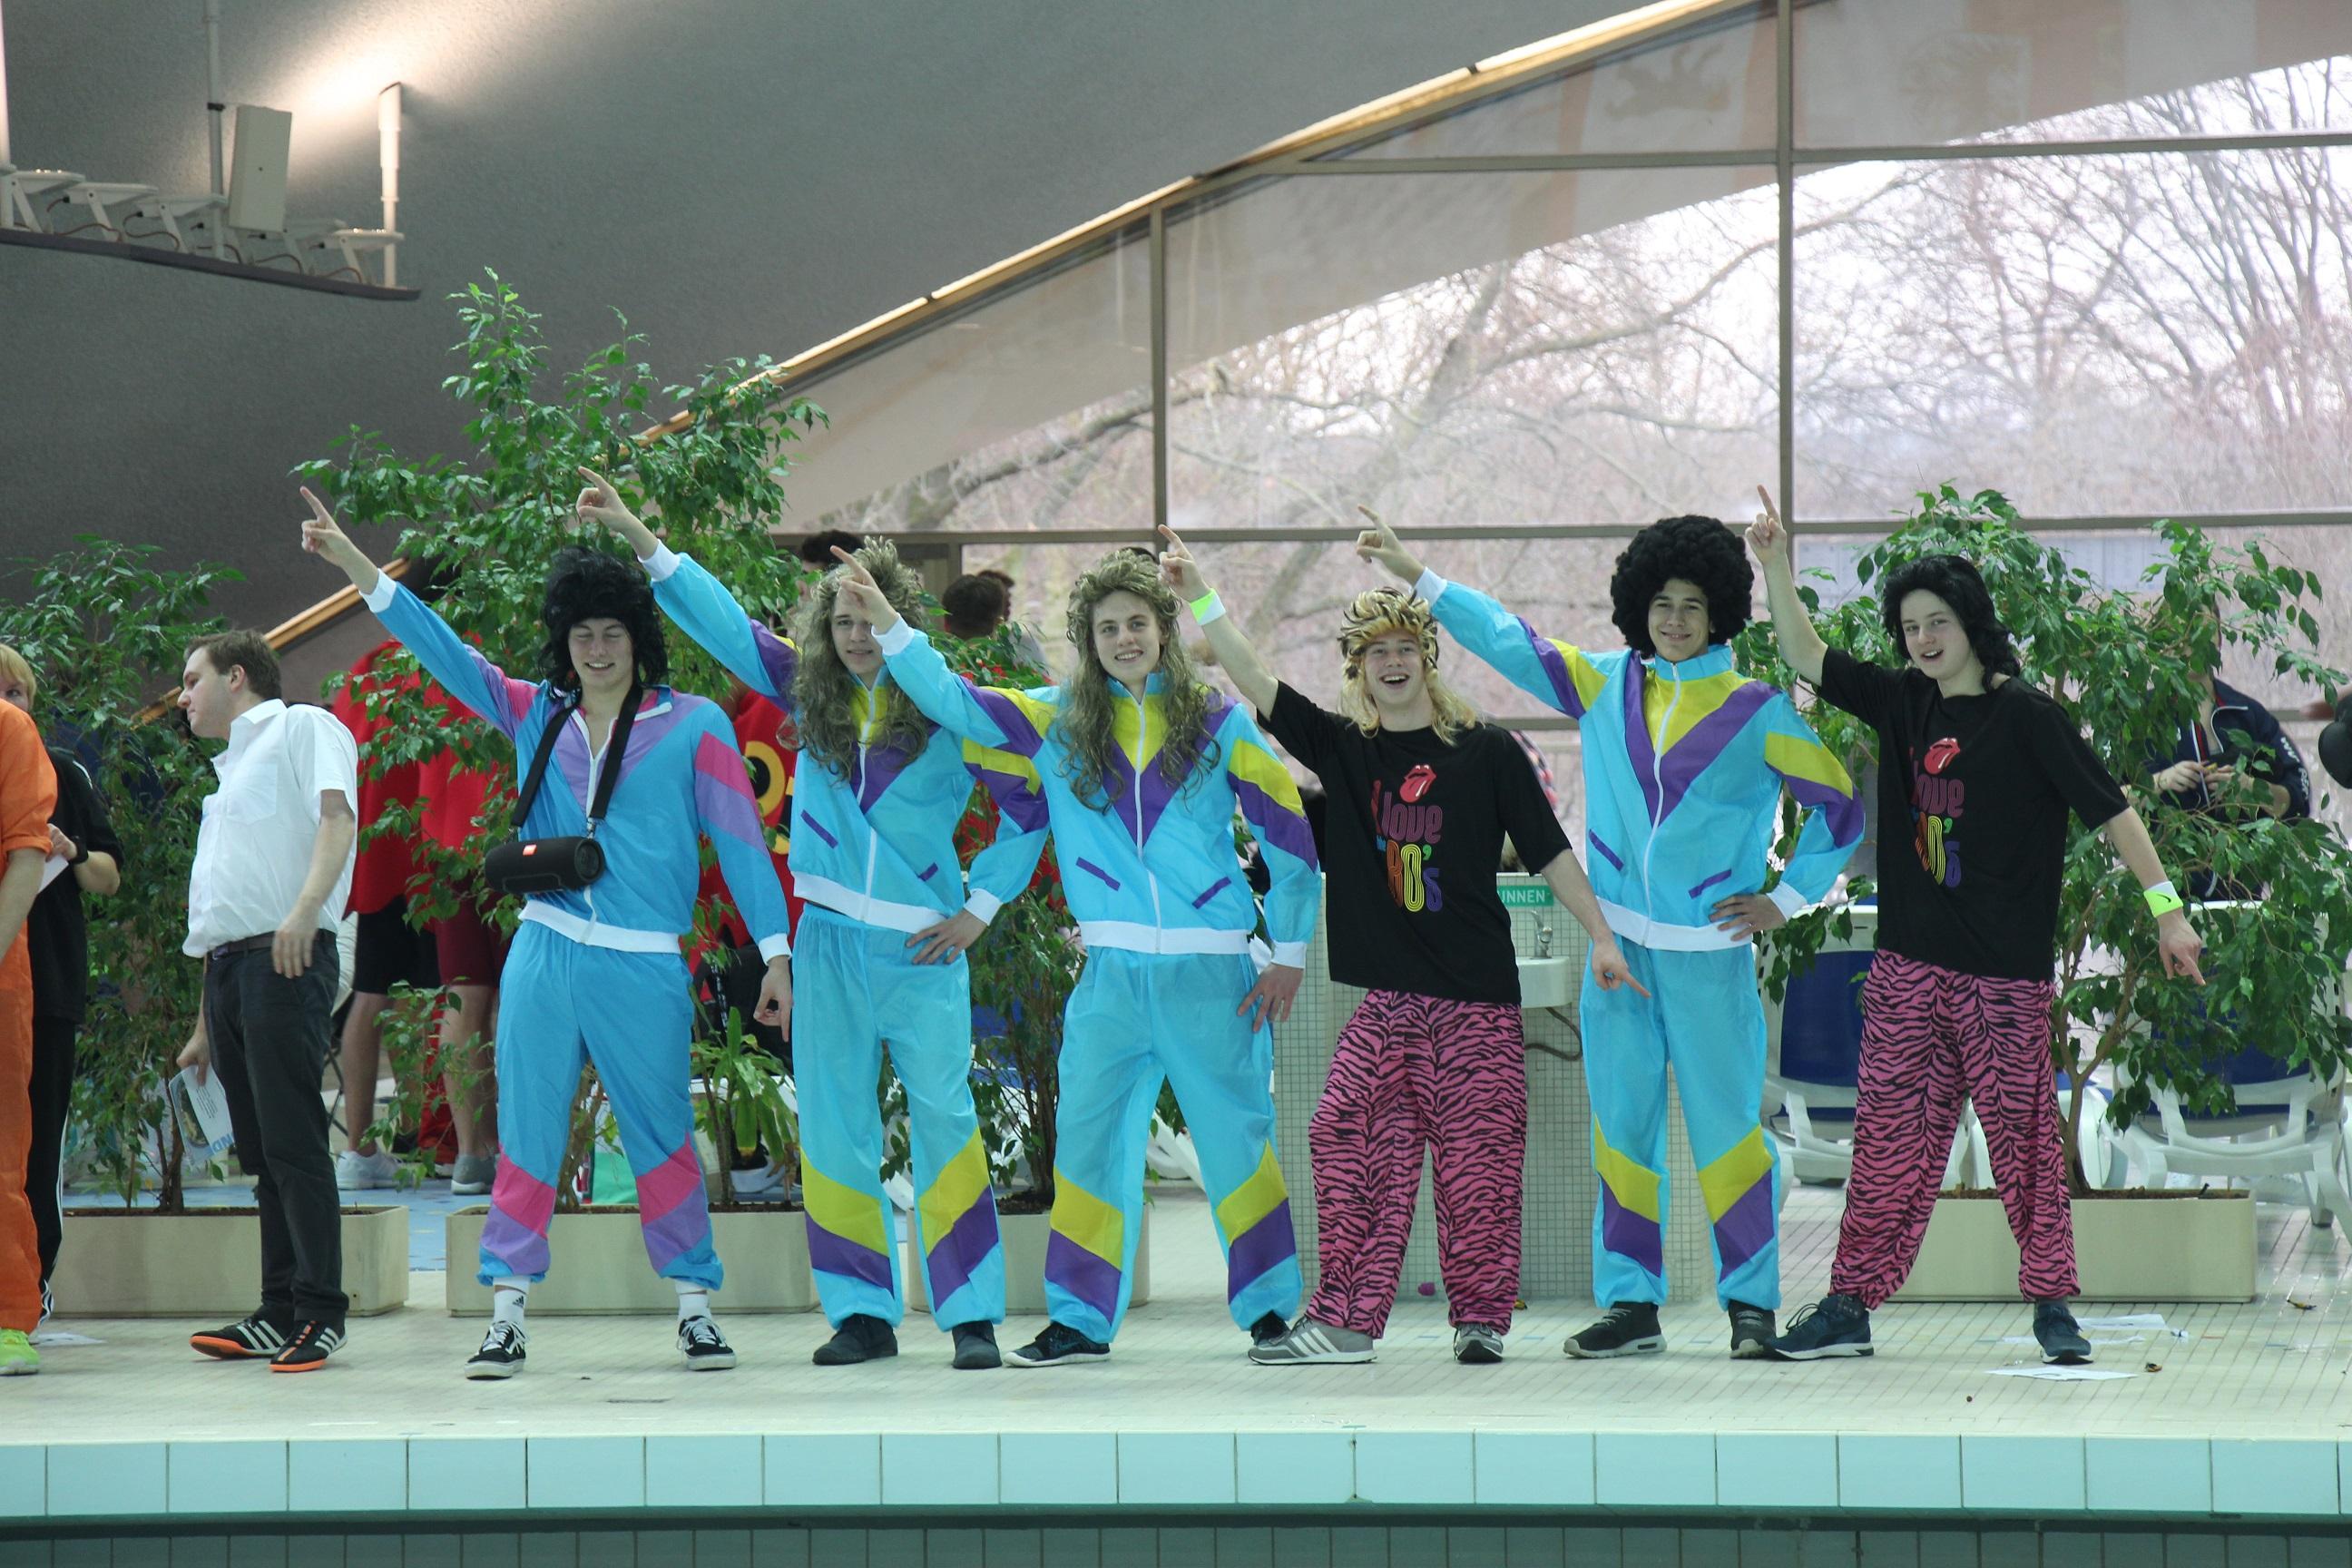 Siegerehrung im 80er-Jahre Outfit